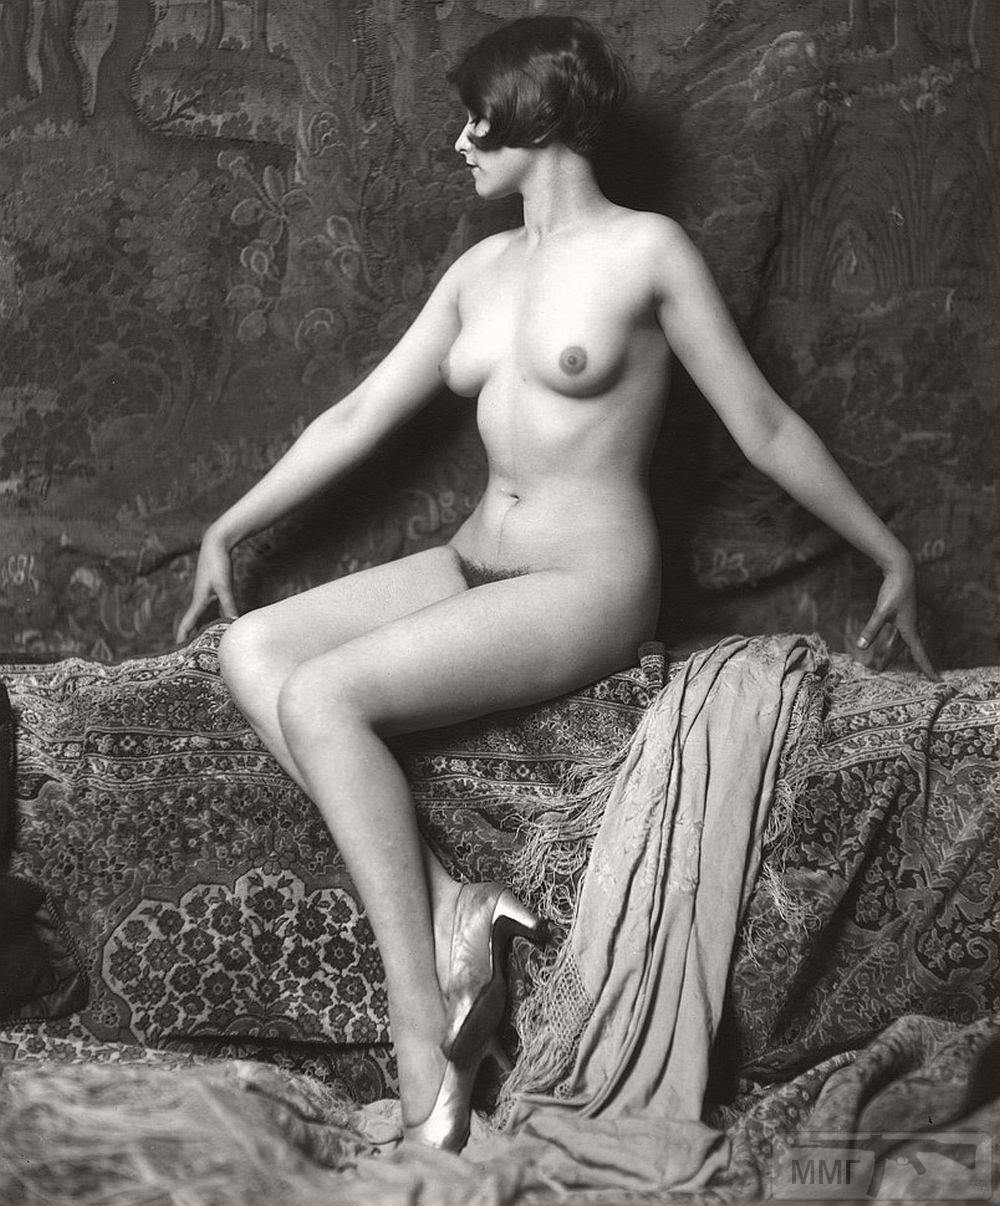 81306 - Красивые женщины